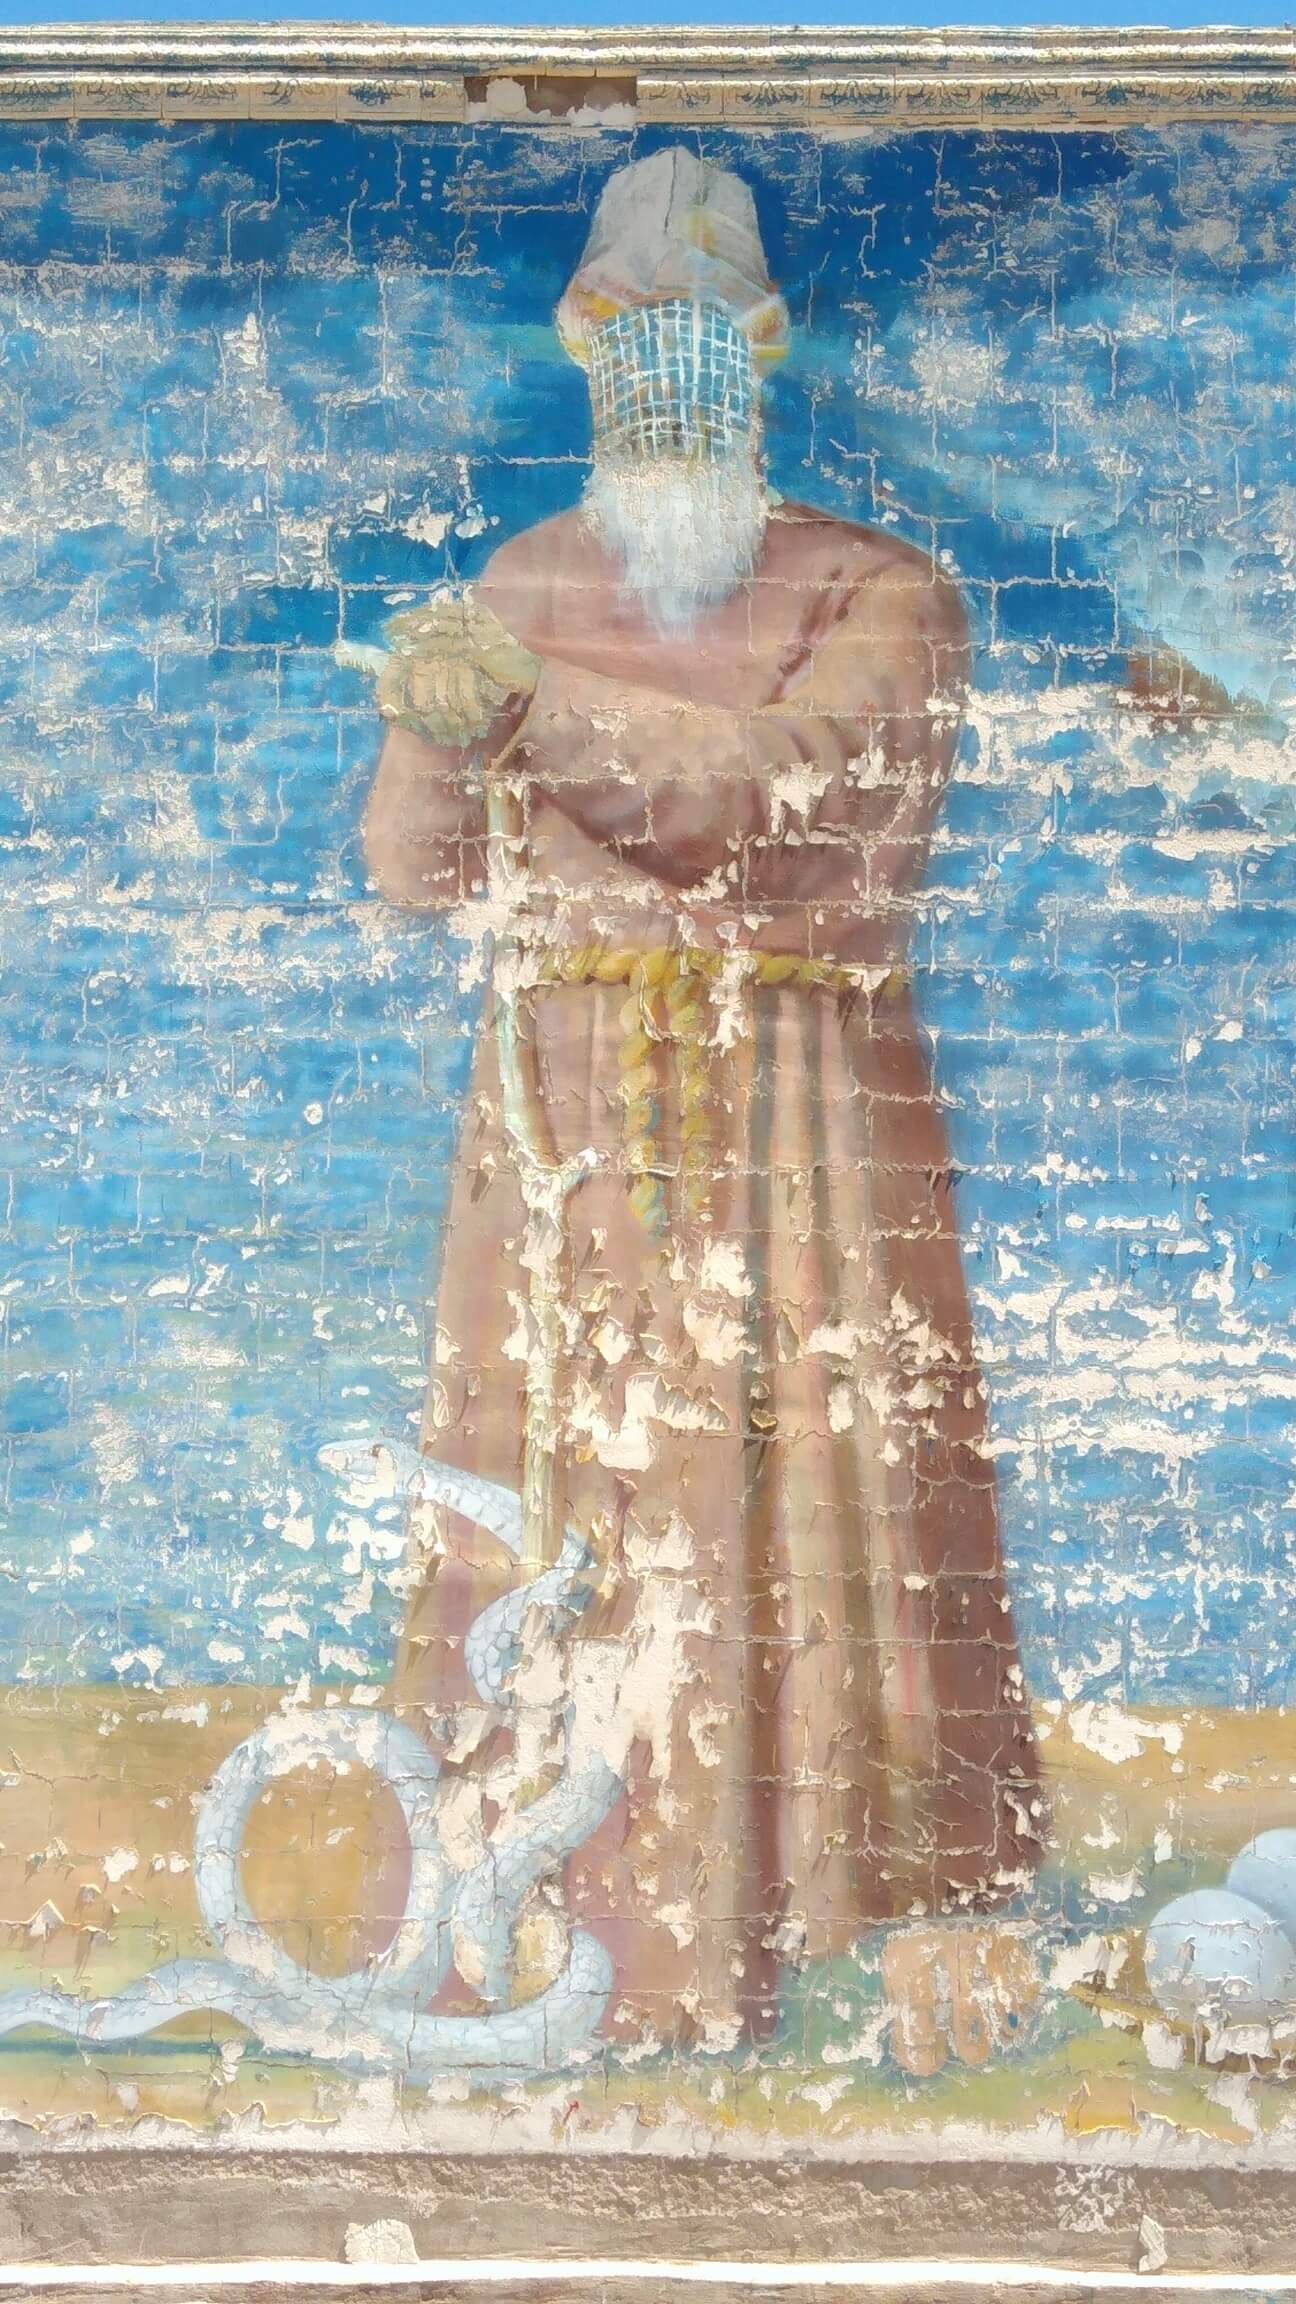 Peinture Al-Khidr Prophète Issyk-Koul Kirghizstan